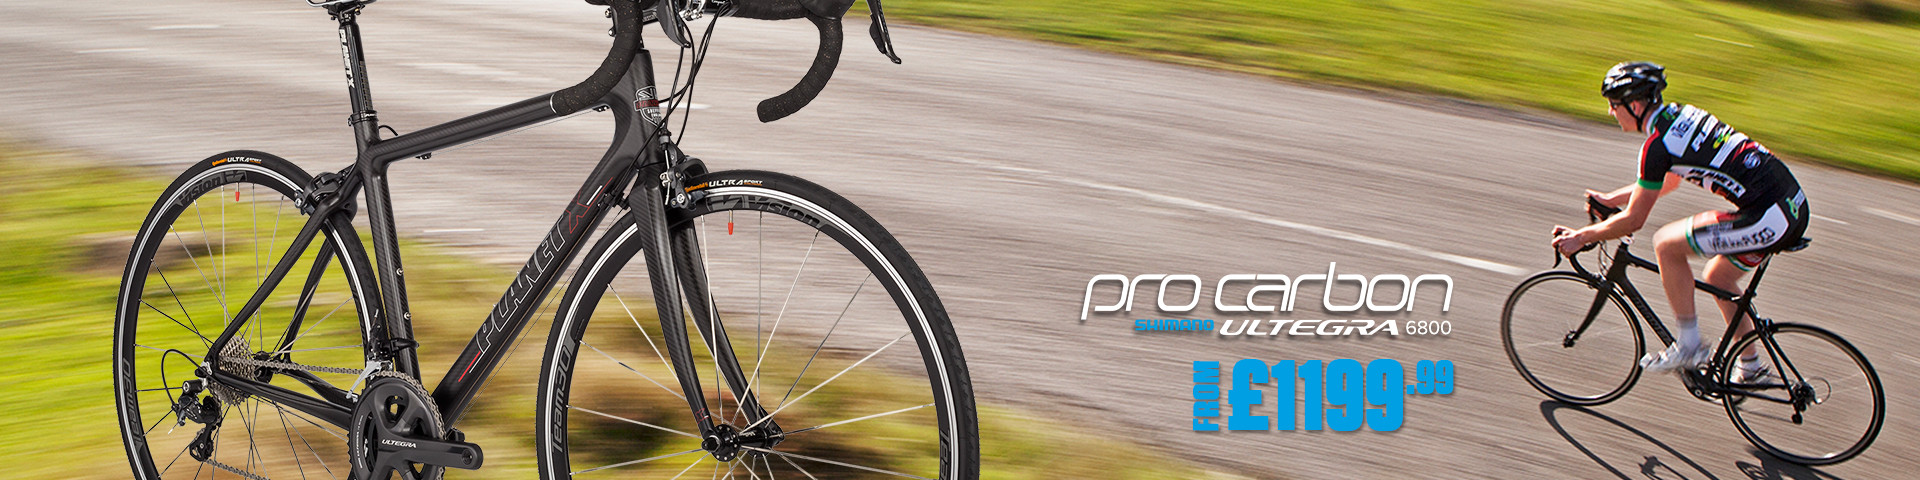 Pro Carbon